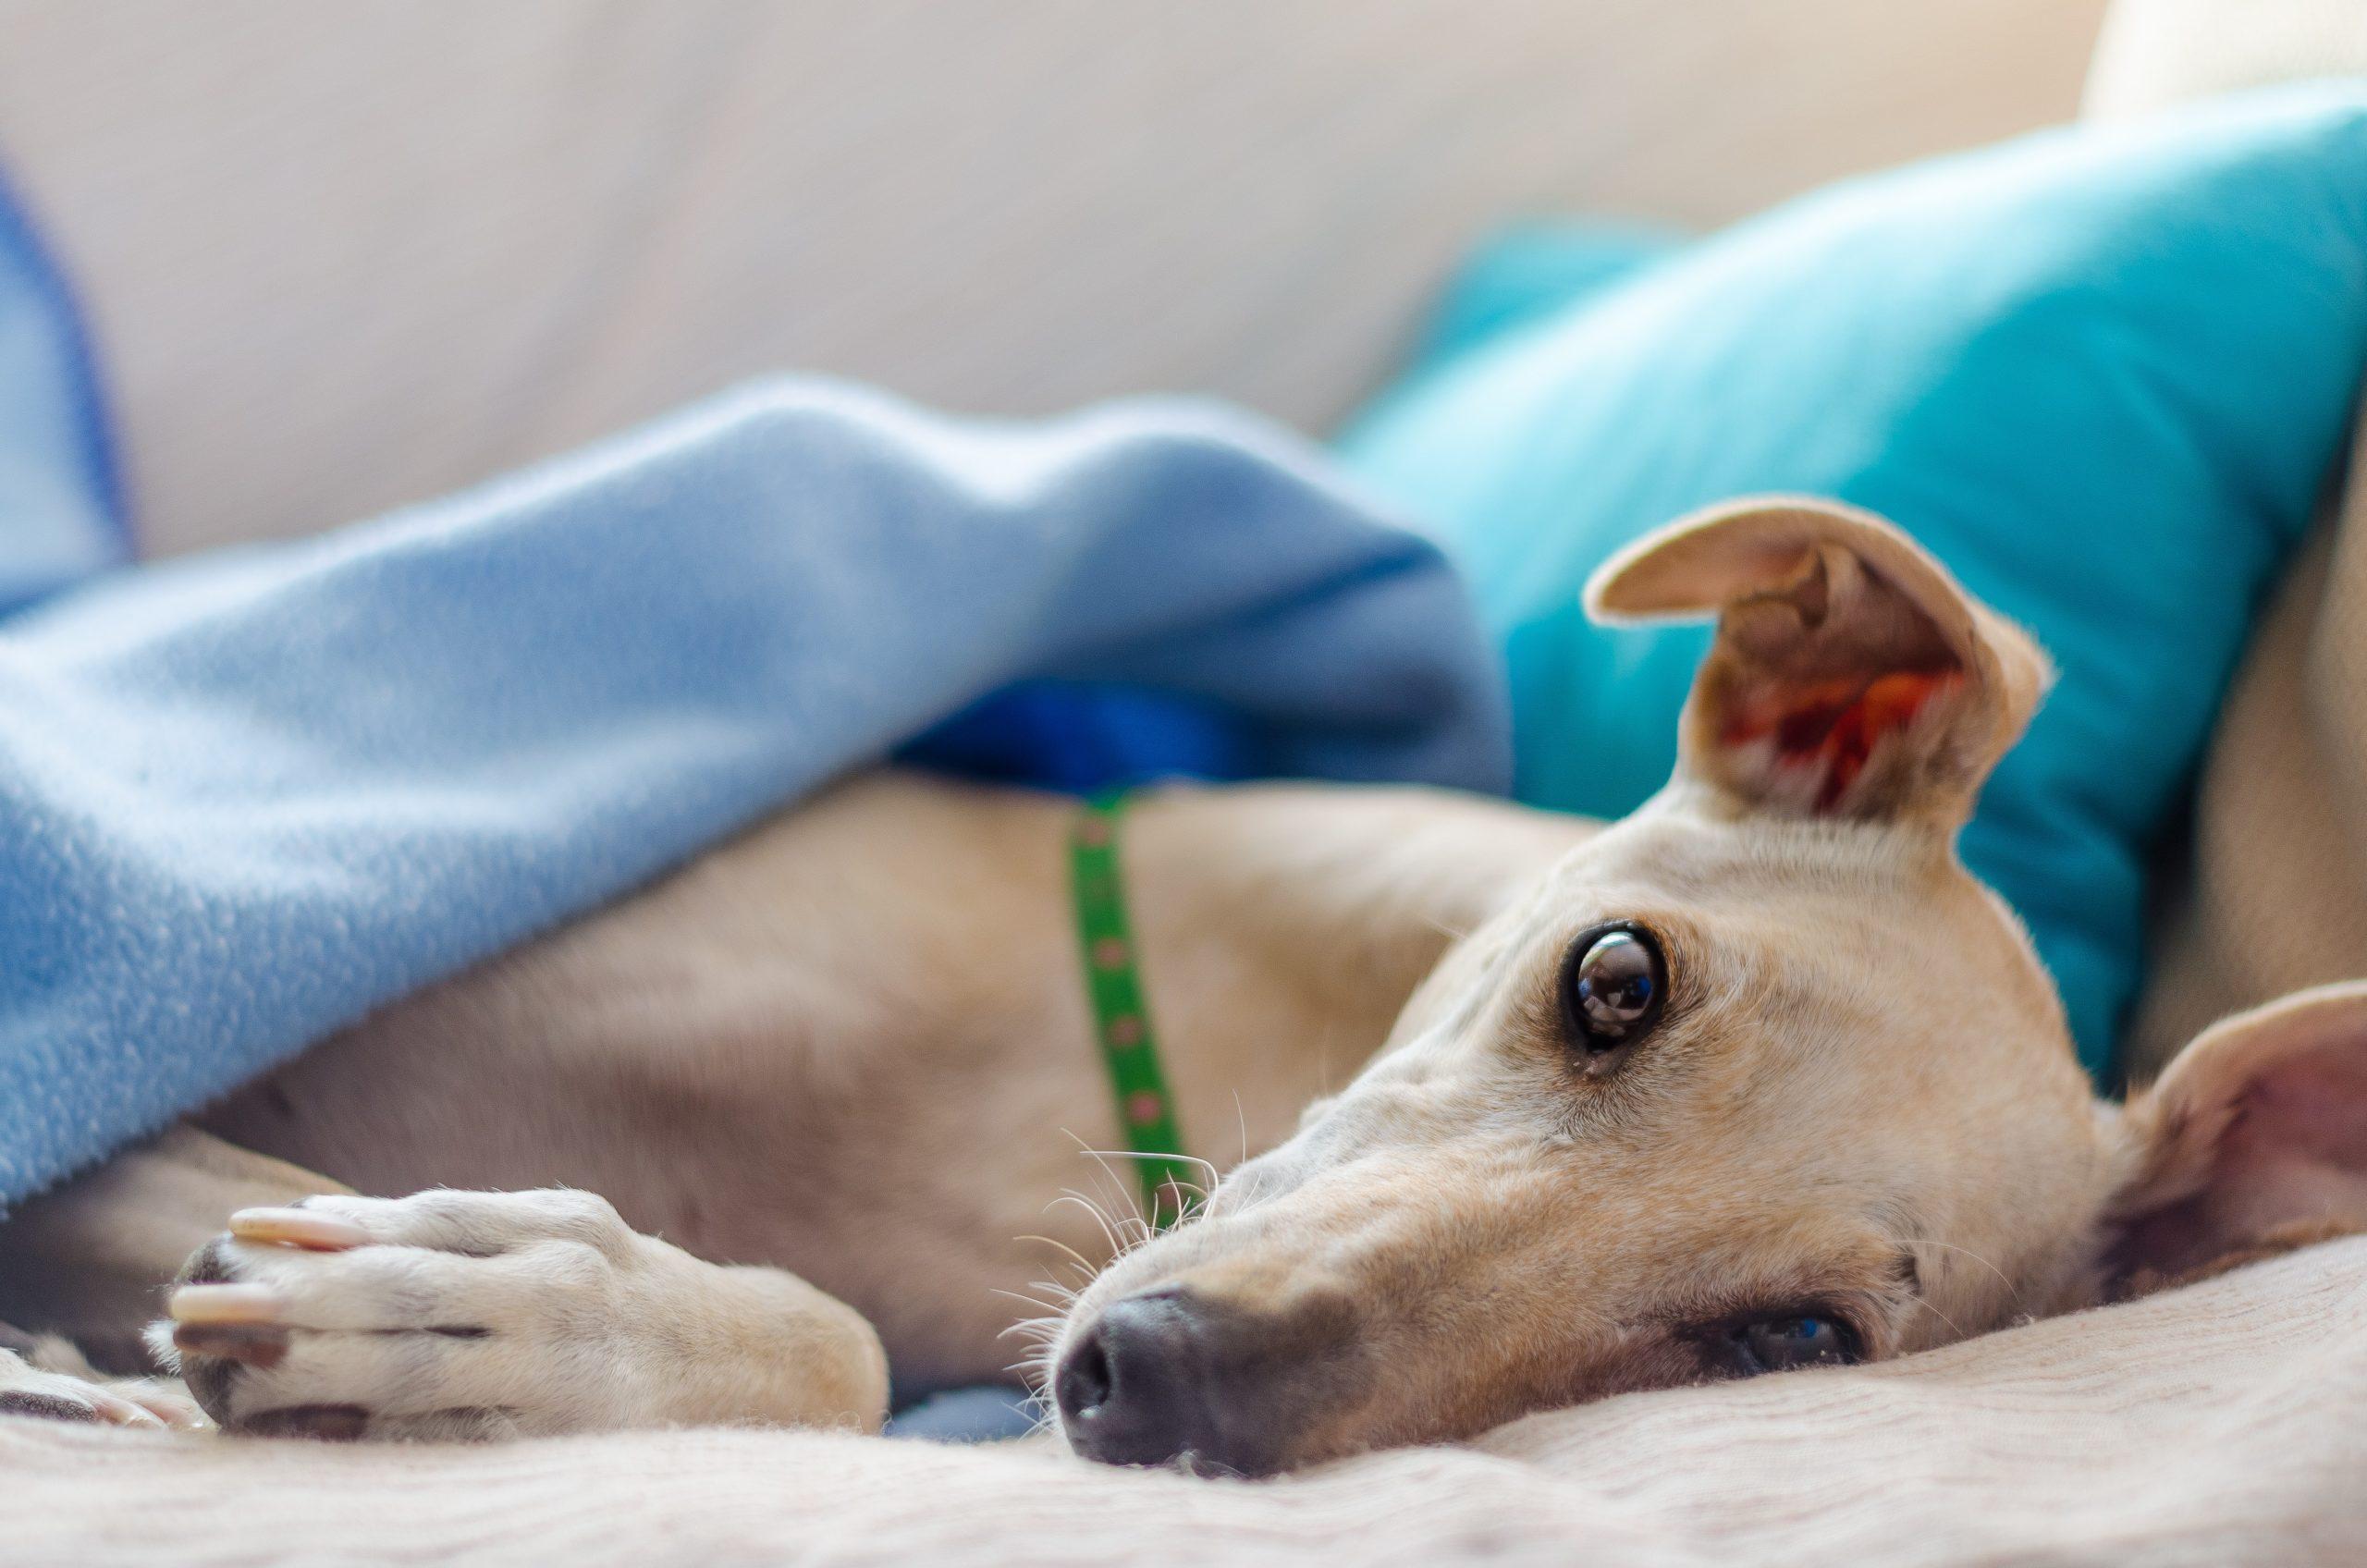 Hundegesundheit, Wurmkur, Durchfall & Co – Das sollten Sie beachten